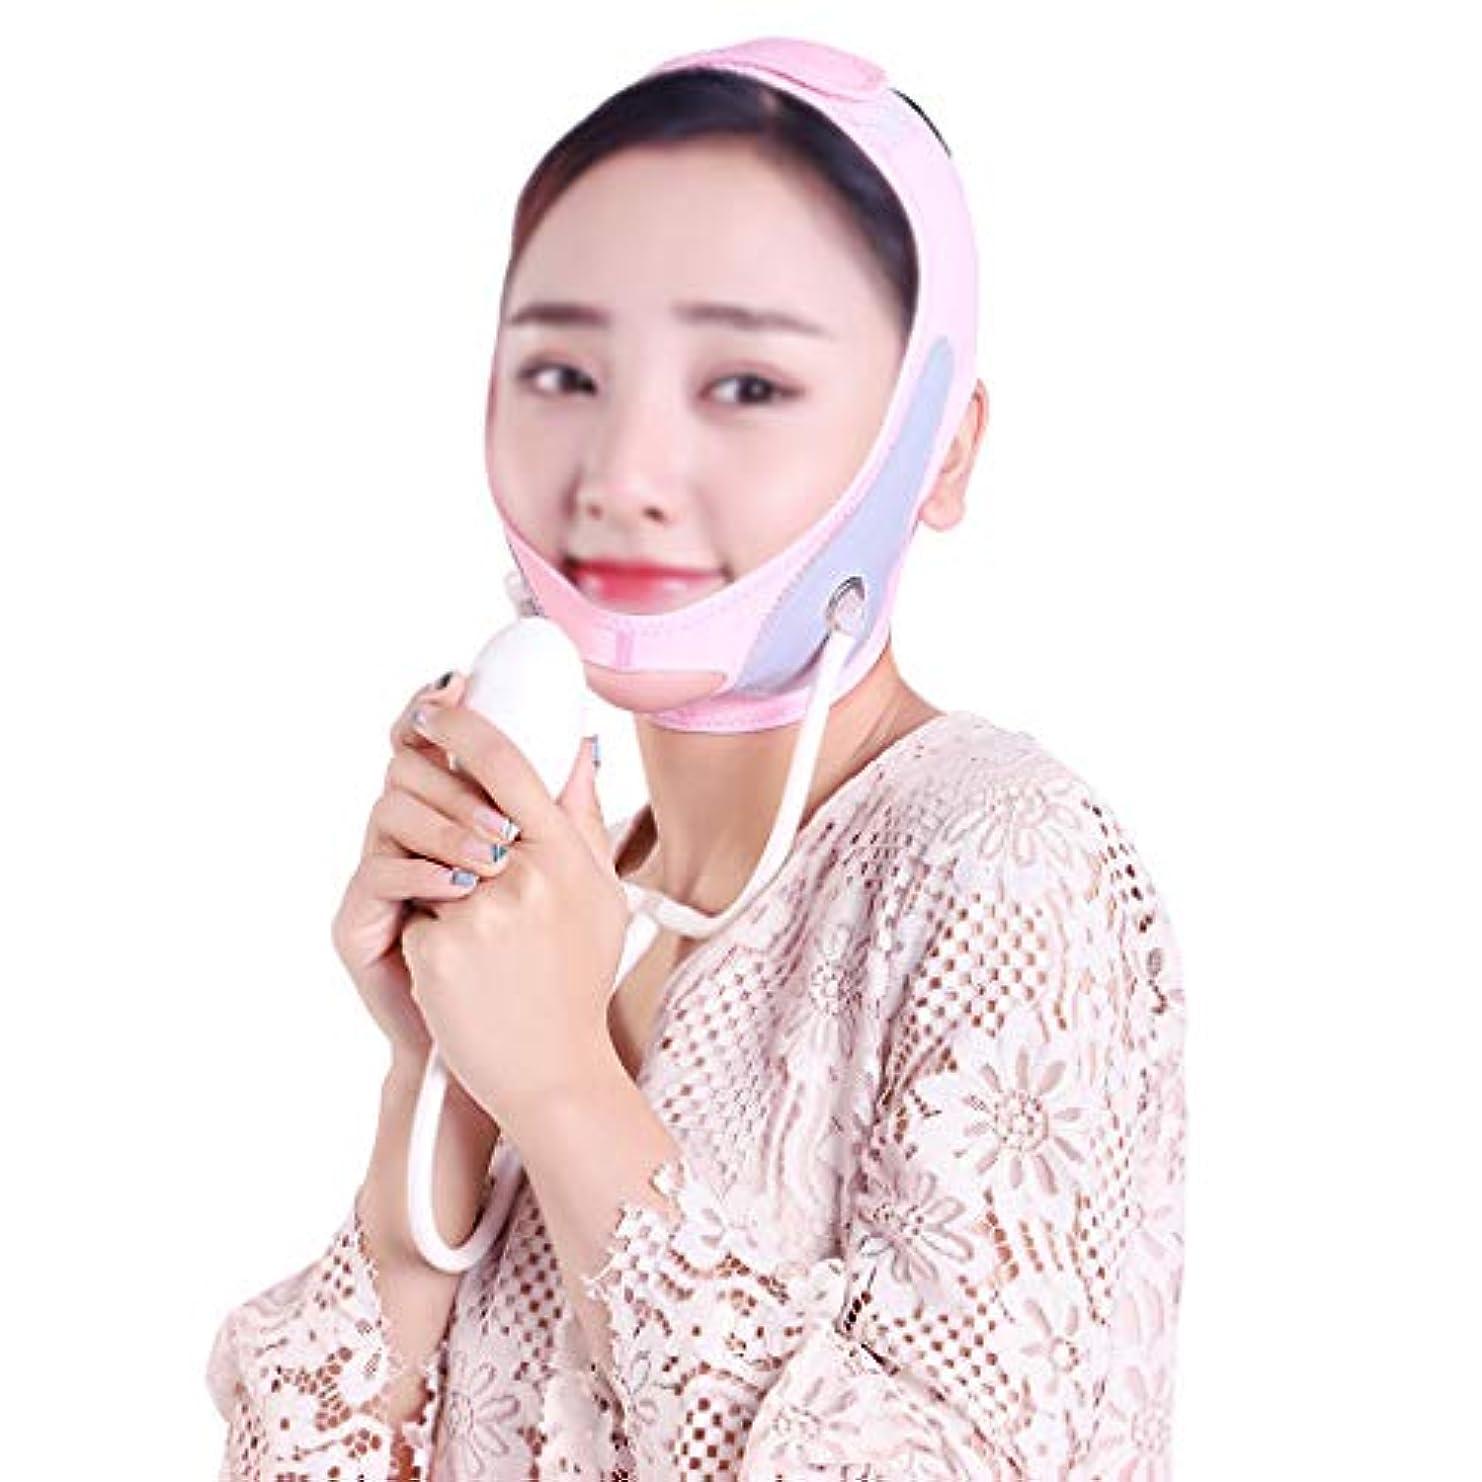 スタジアム事実ごちそうGLJJQMY 膨脹可能なマスクは小さいVの表面を作成するために皮の形づけおよび引き締めパターン/二重あごの包帯の人工物を高めます 顔用整形マスク